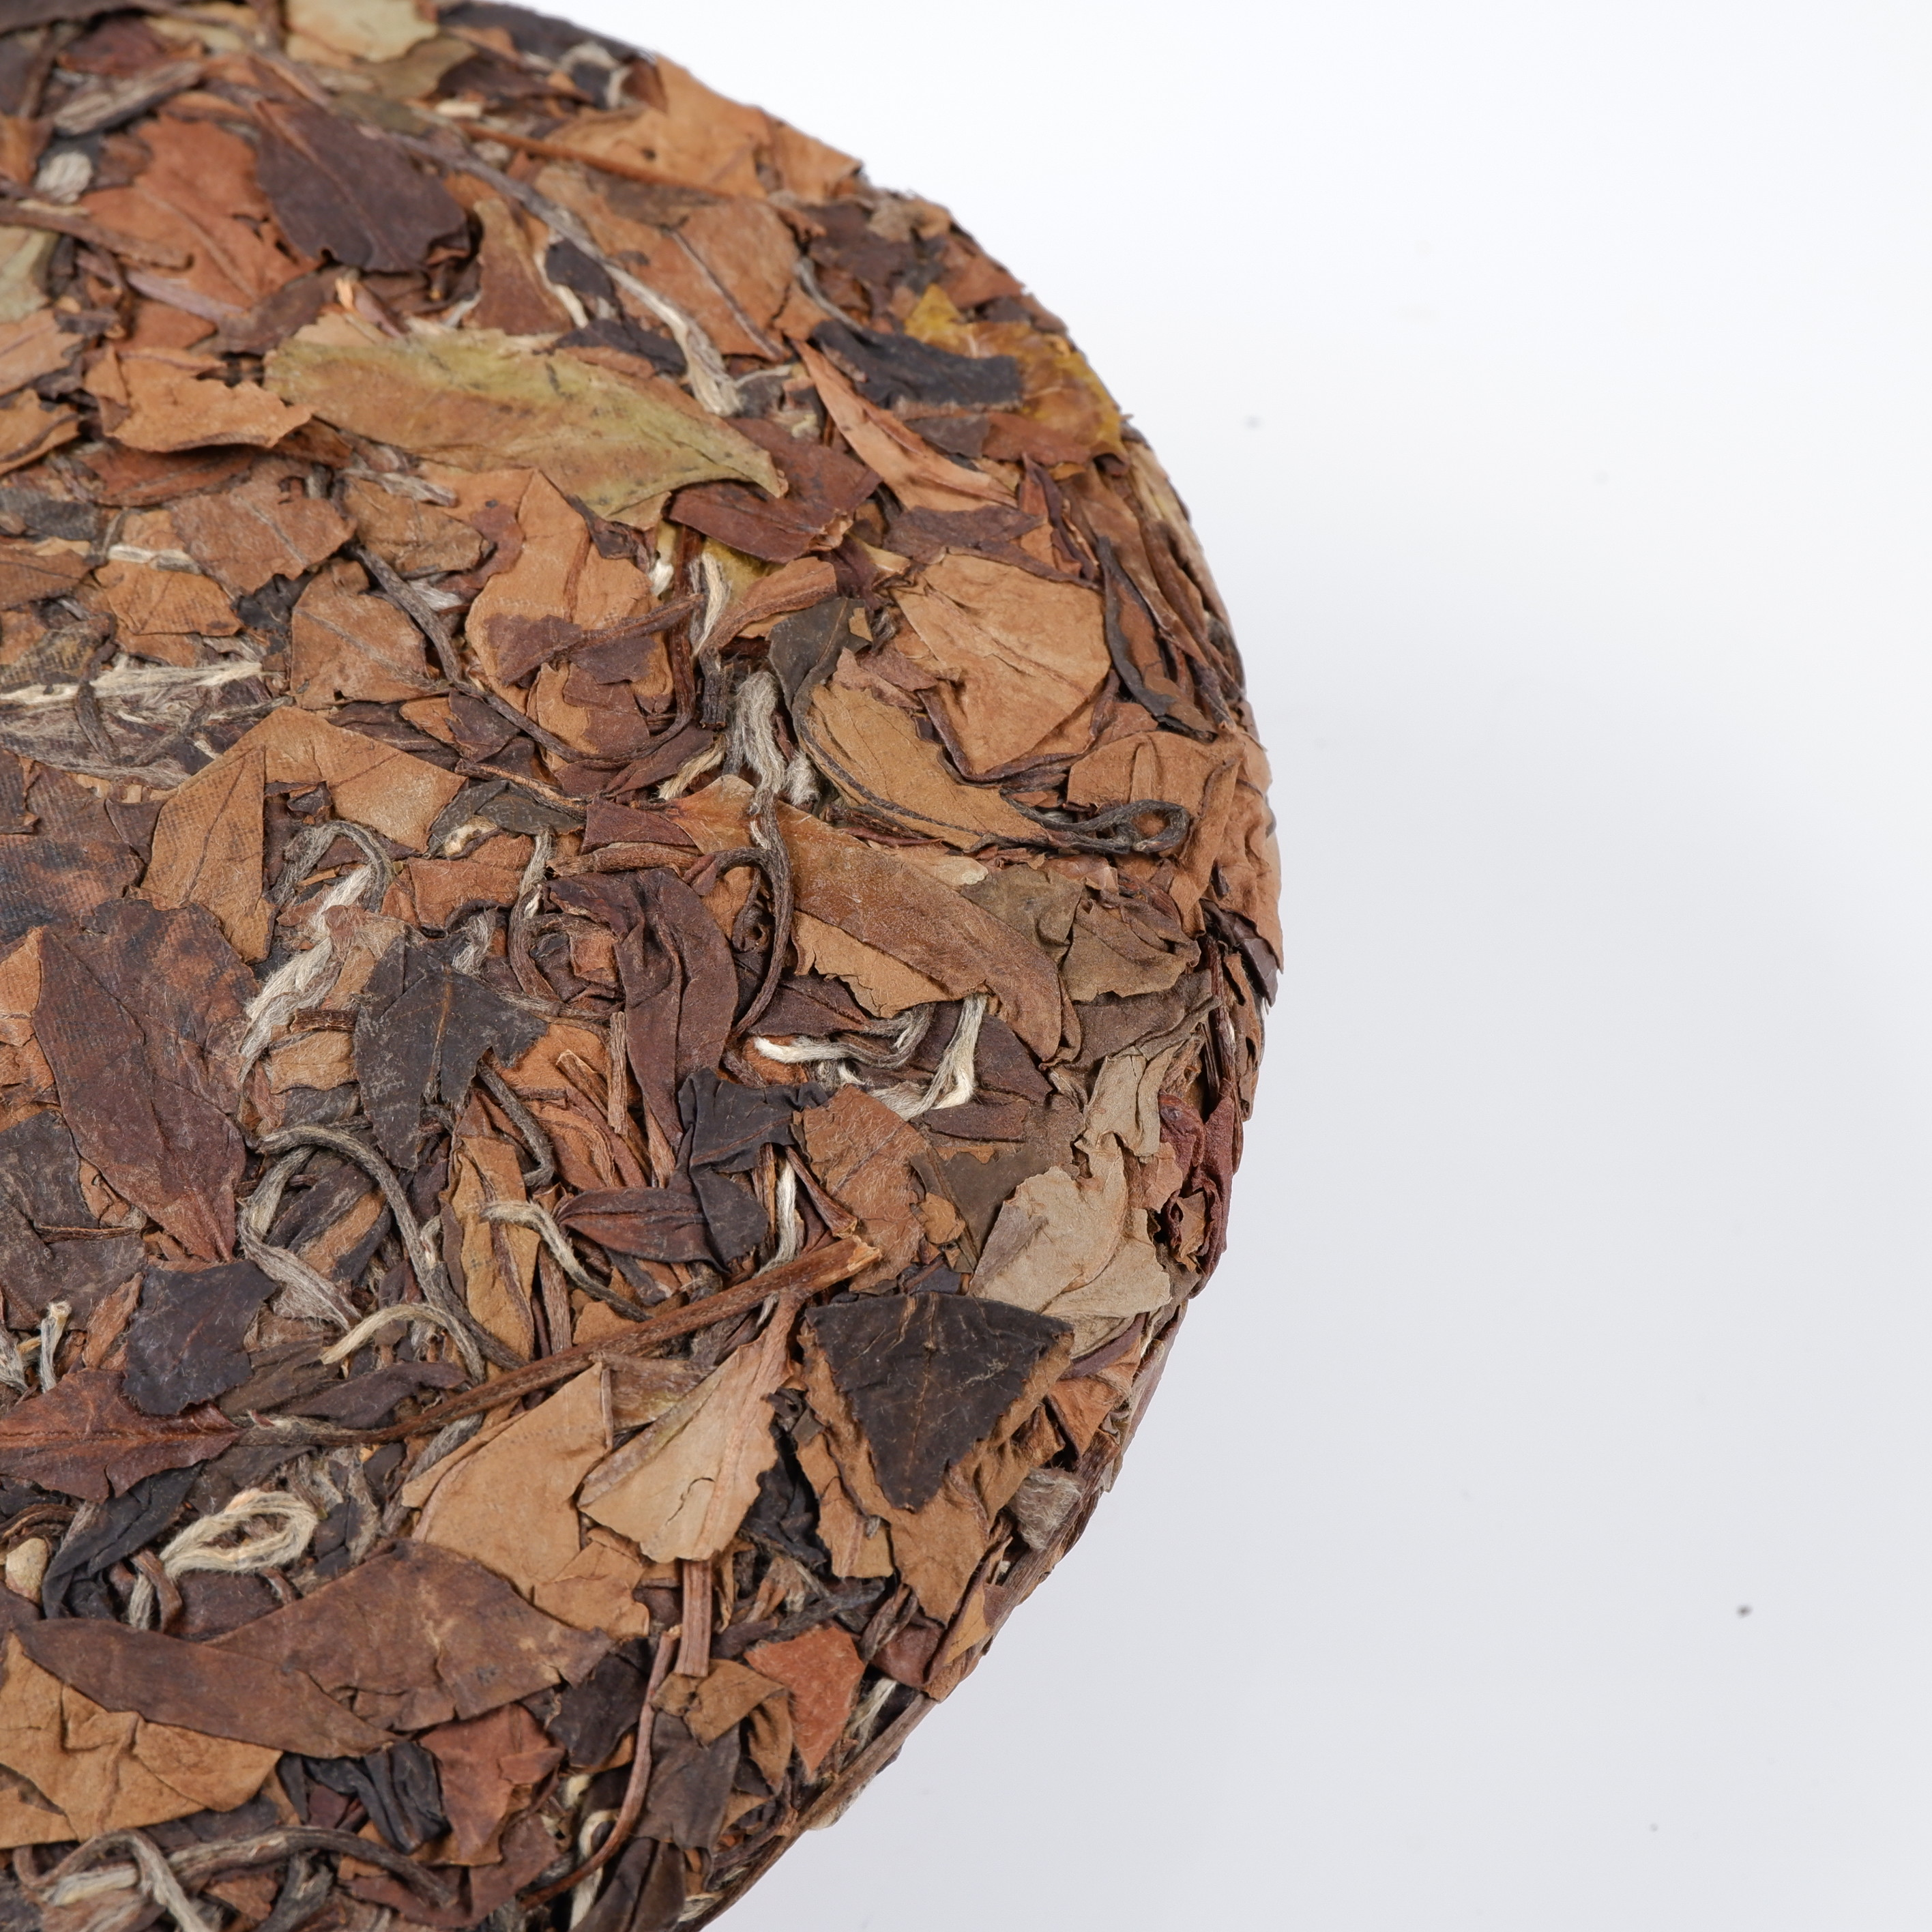 Chinese Fuding White Tea Shoumei Cake for Cheap Price - 4uTea | 4uTea.com